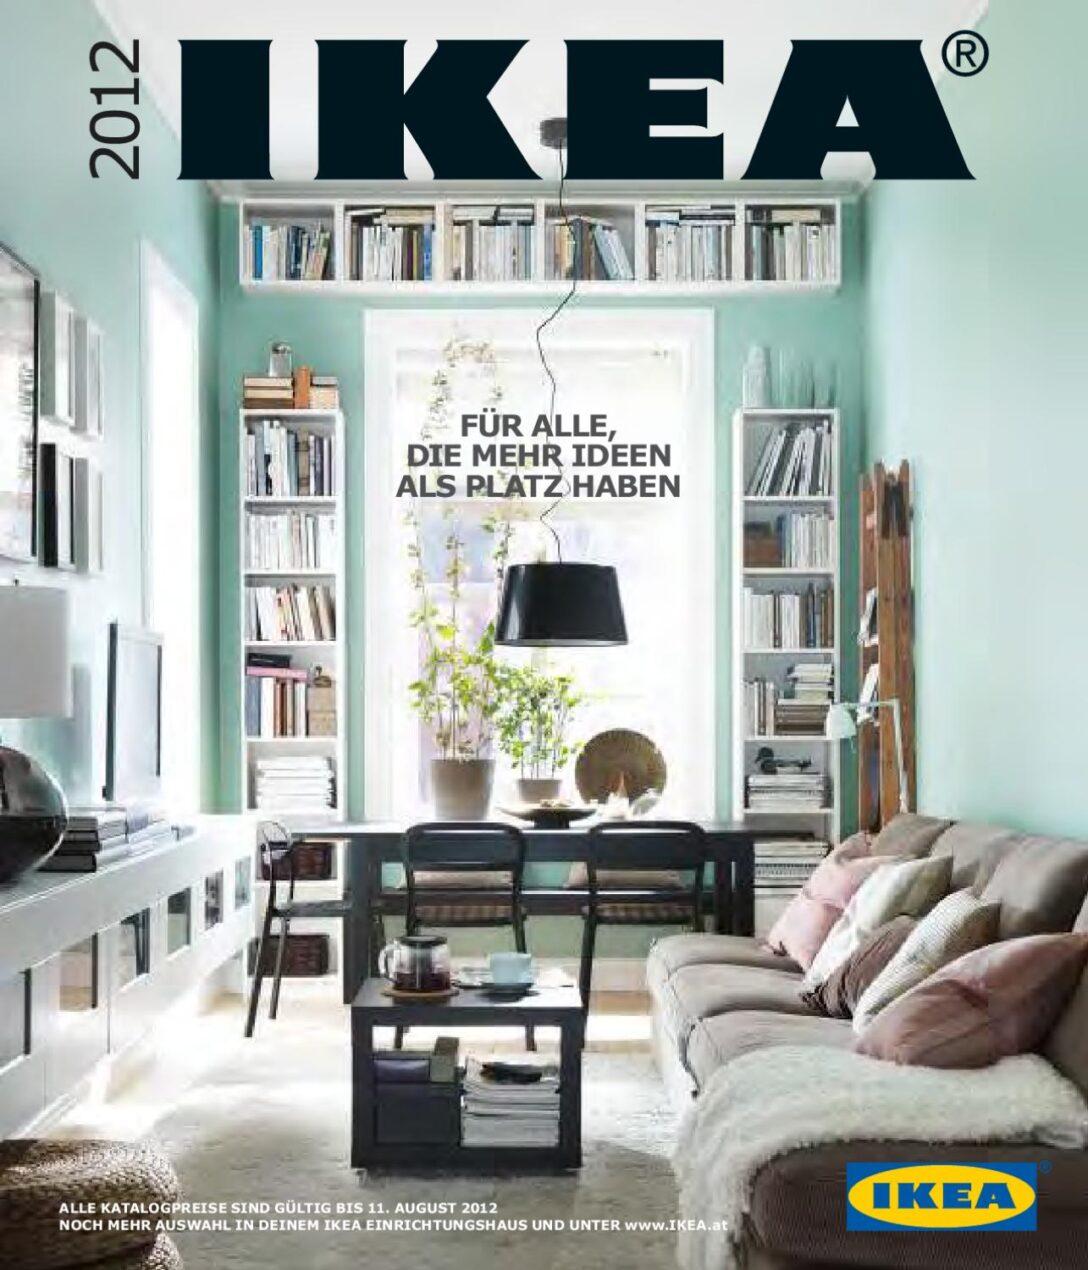 Large Size of Abfallbehälter Ikea Katalog 2011 11082012 By Aktionsfinder Gmbh Küche Kosten Kaufen Modulküche Miniküche Betten 160x200 Sofa Mit Schlaffunktion Bei Wohnzimmer Abfallbehälter Ikea